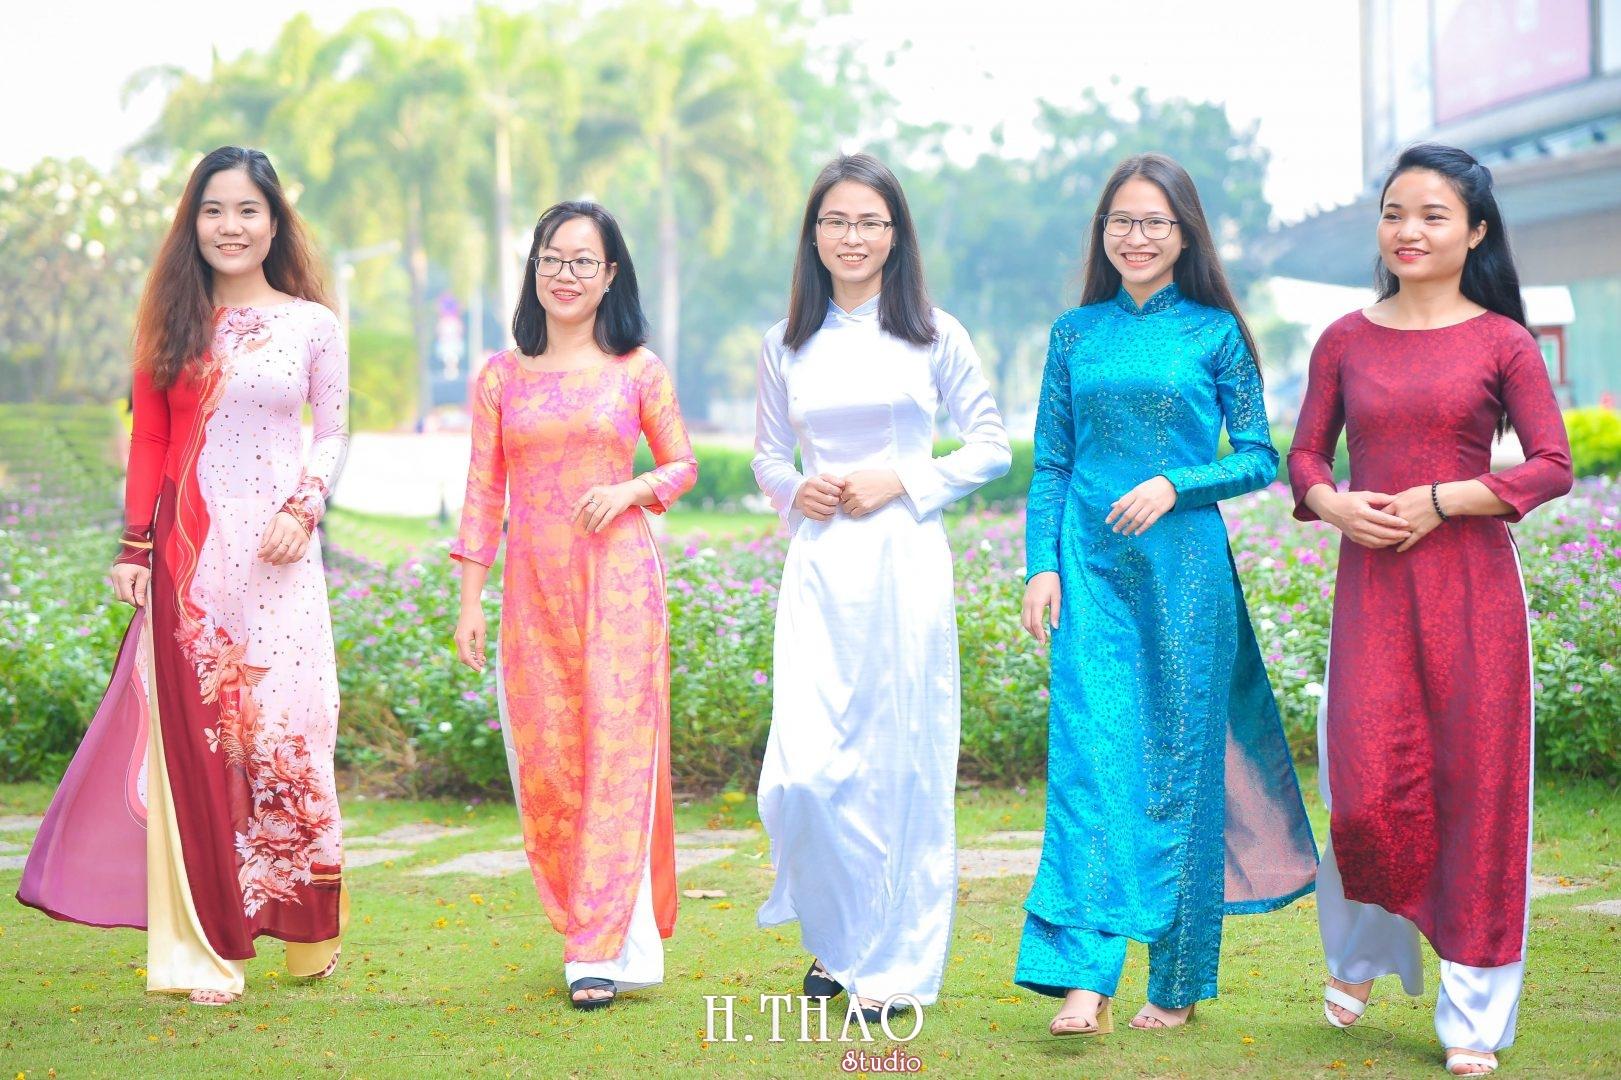 Ao dai nhom dep 19 - Báo giá chụp ảnh áo dài trọn gói tại Tp.HCM - HThao Studio